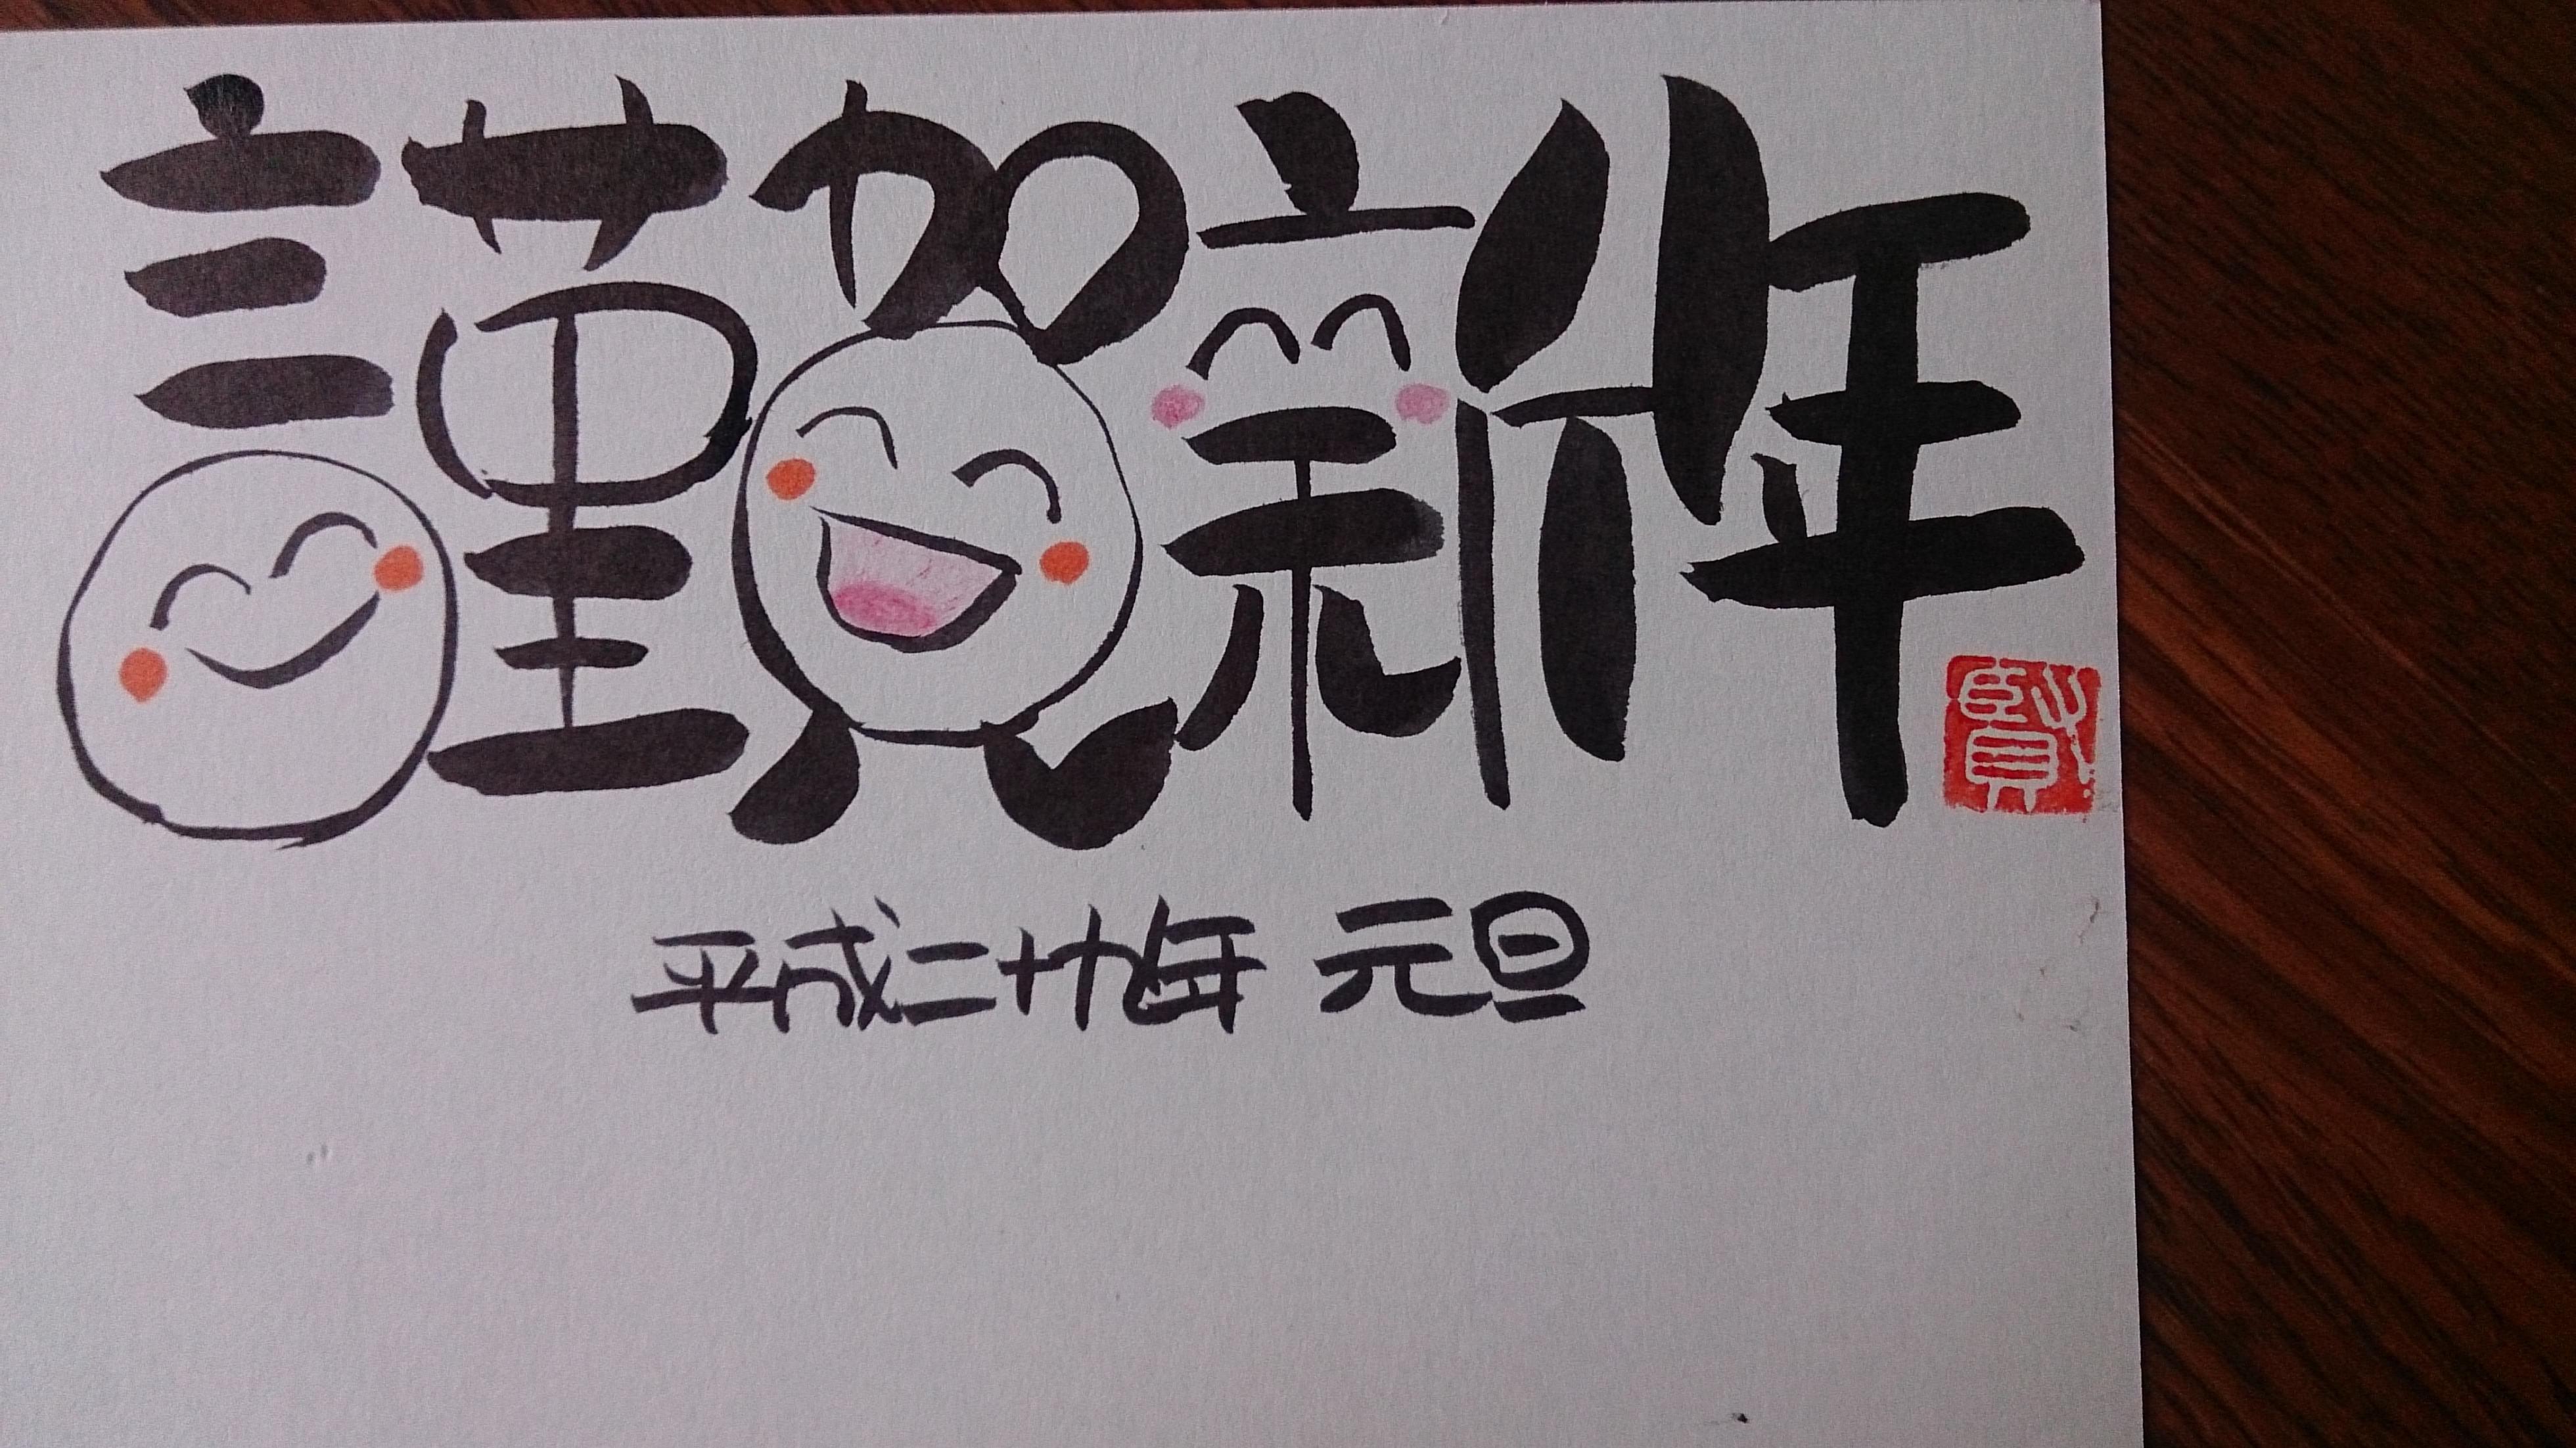 笑光文字・年賀状版 (区民センター)12/20①開催